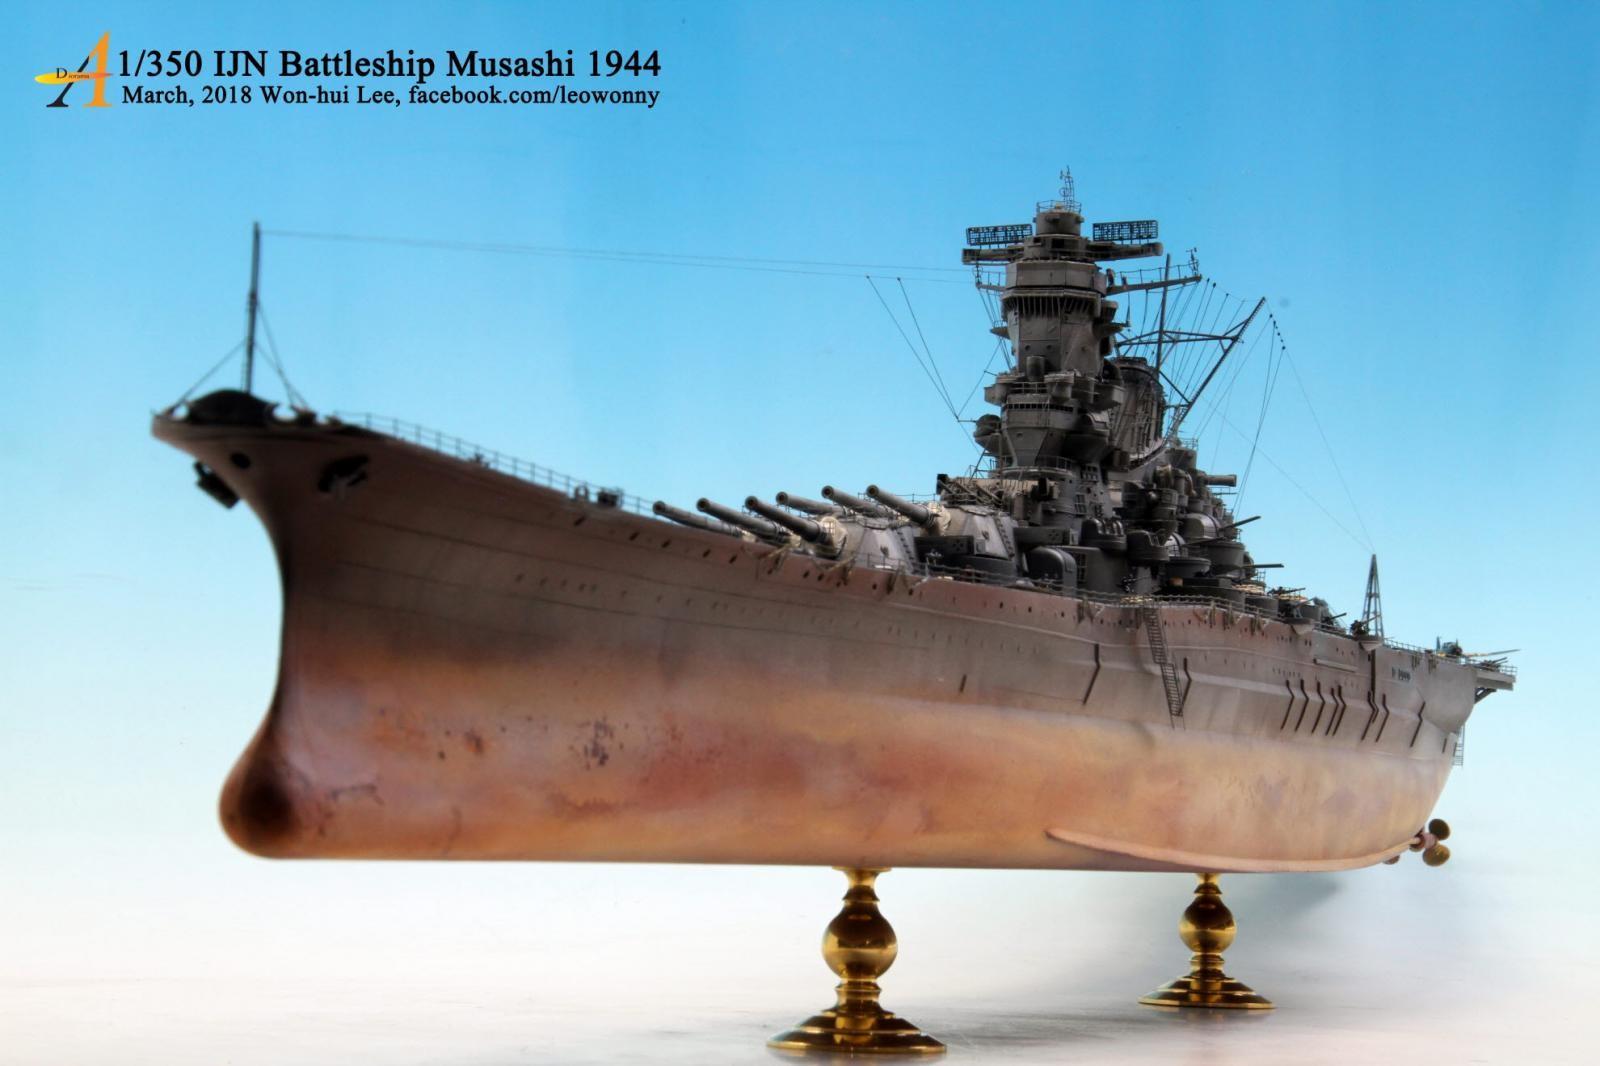 1 350 ijn battleship musashi 1944 imodeler